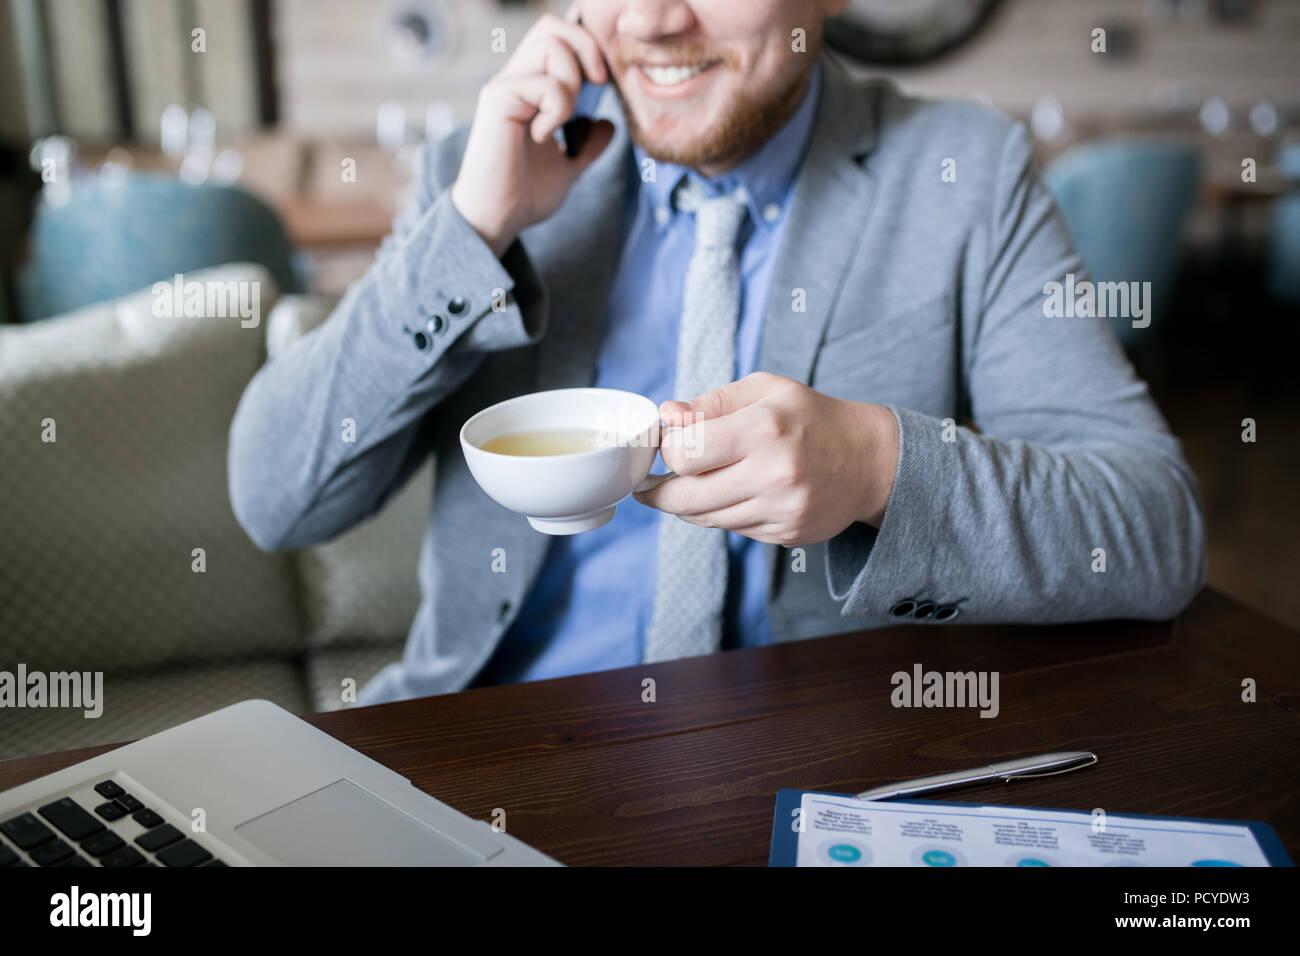 Man drinking tea during work - Stock Image